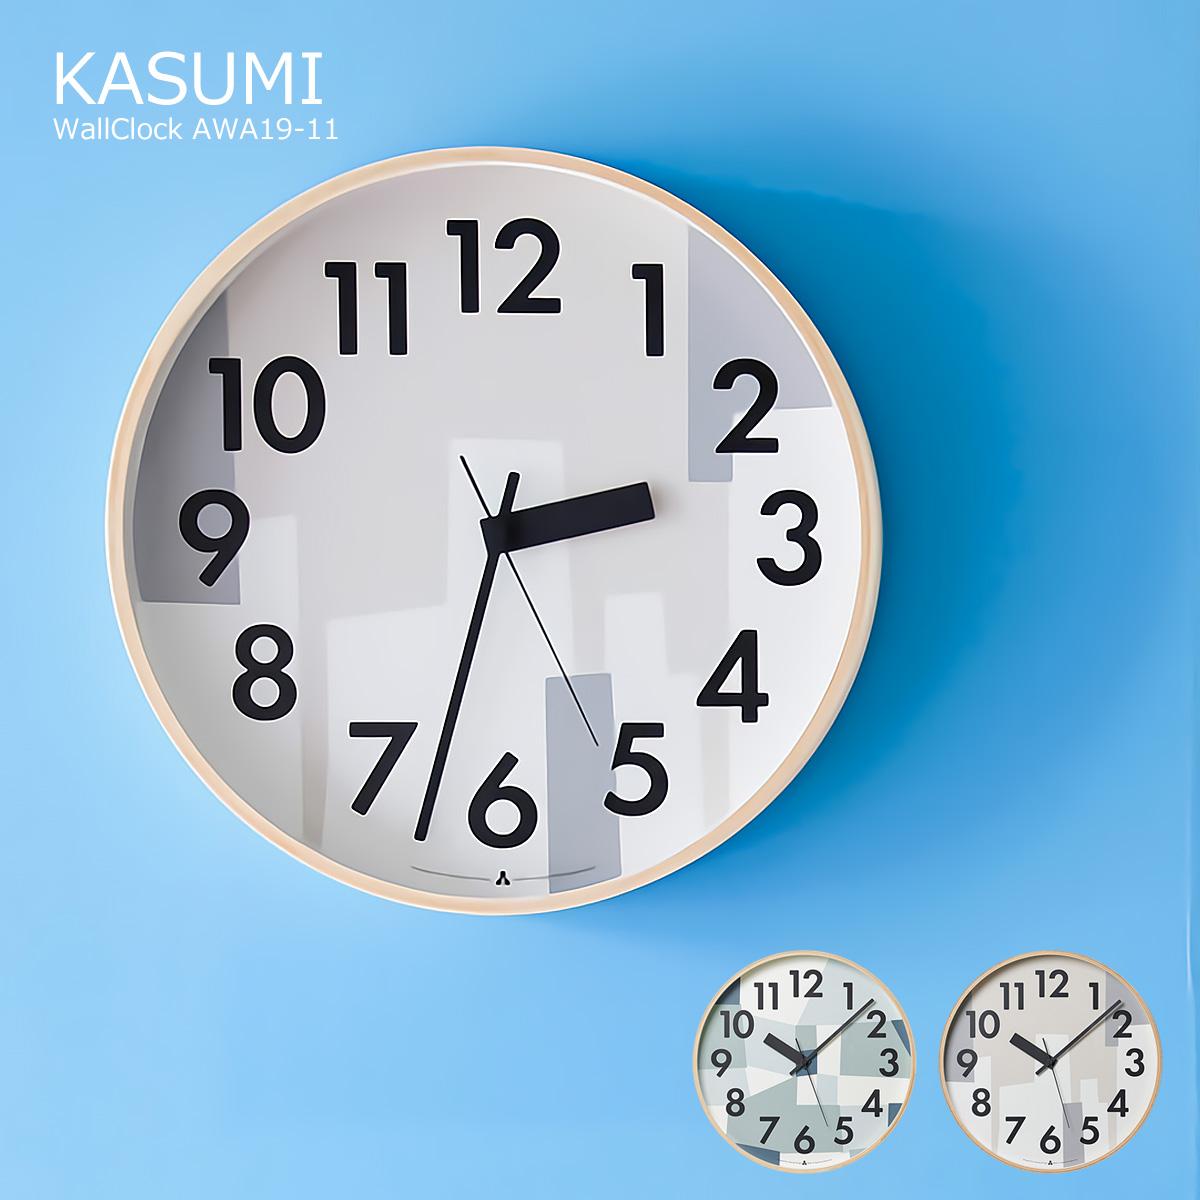 【あす楽】壁掛け時計 KASUMI カスミ 霞 ベージュ ブルー オシャレ シンプル 可愛い デザイナー 粟辻デザイン AWA19-11 新生活